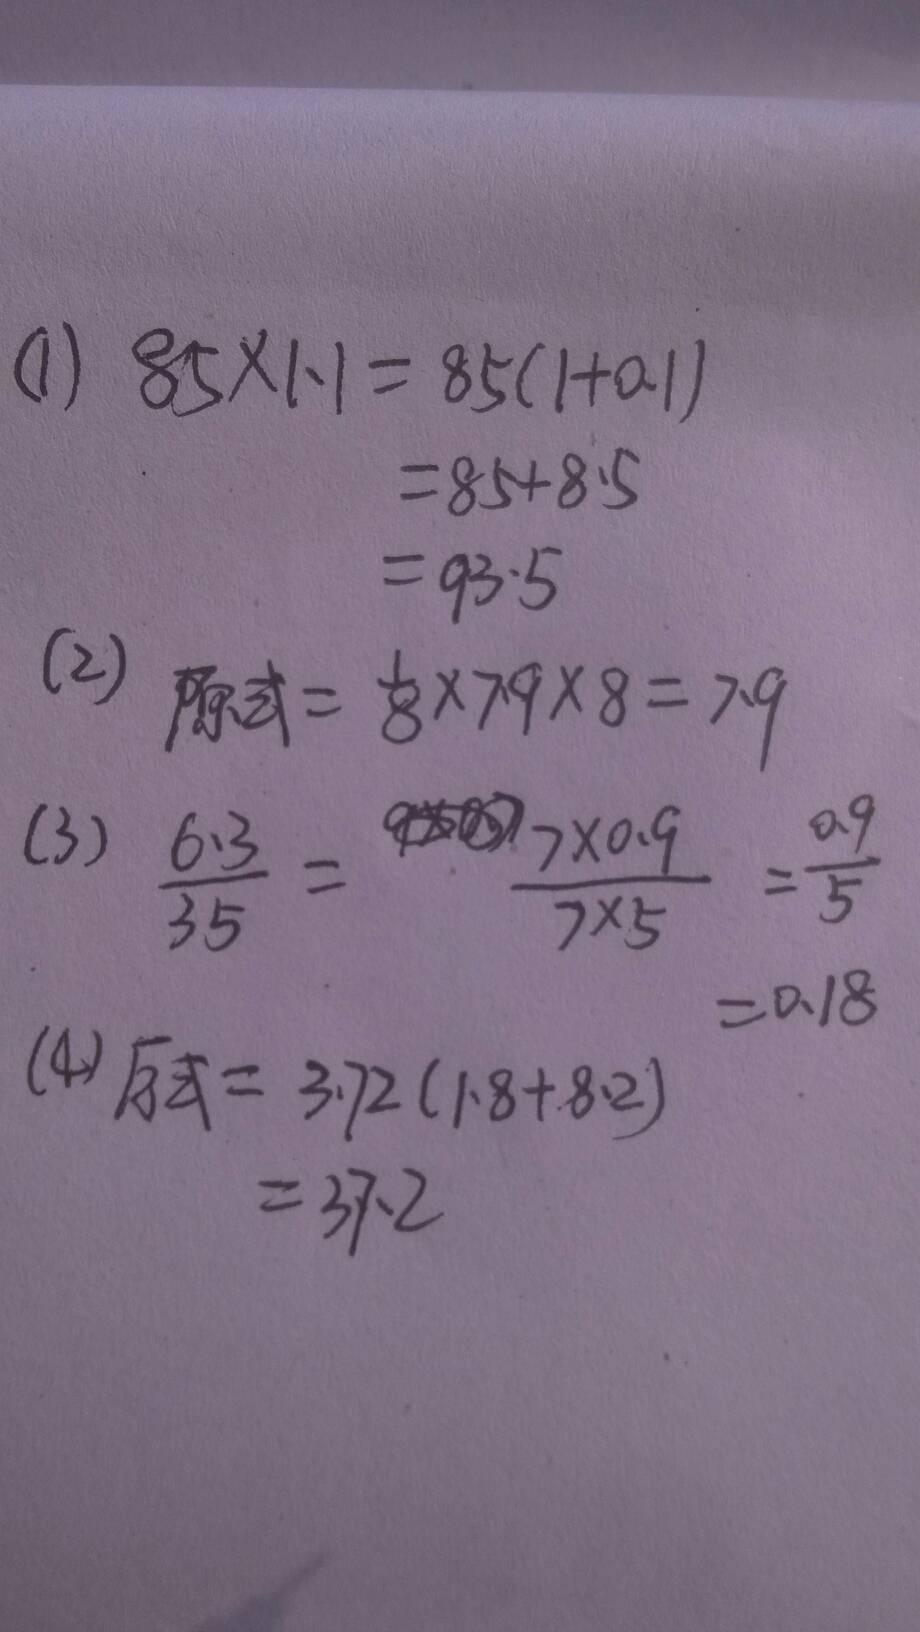 125×(35+8)怎么简算